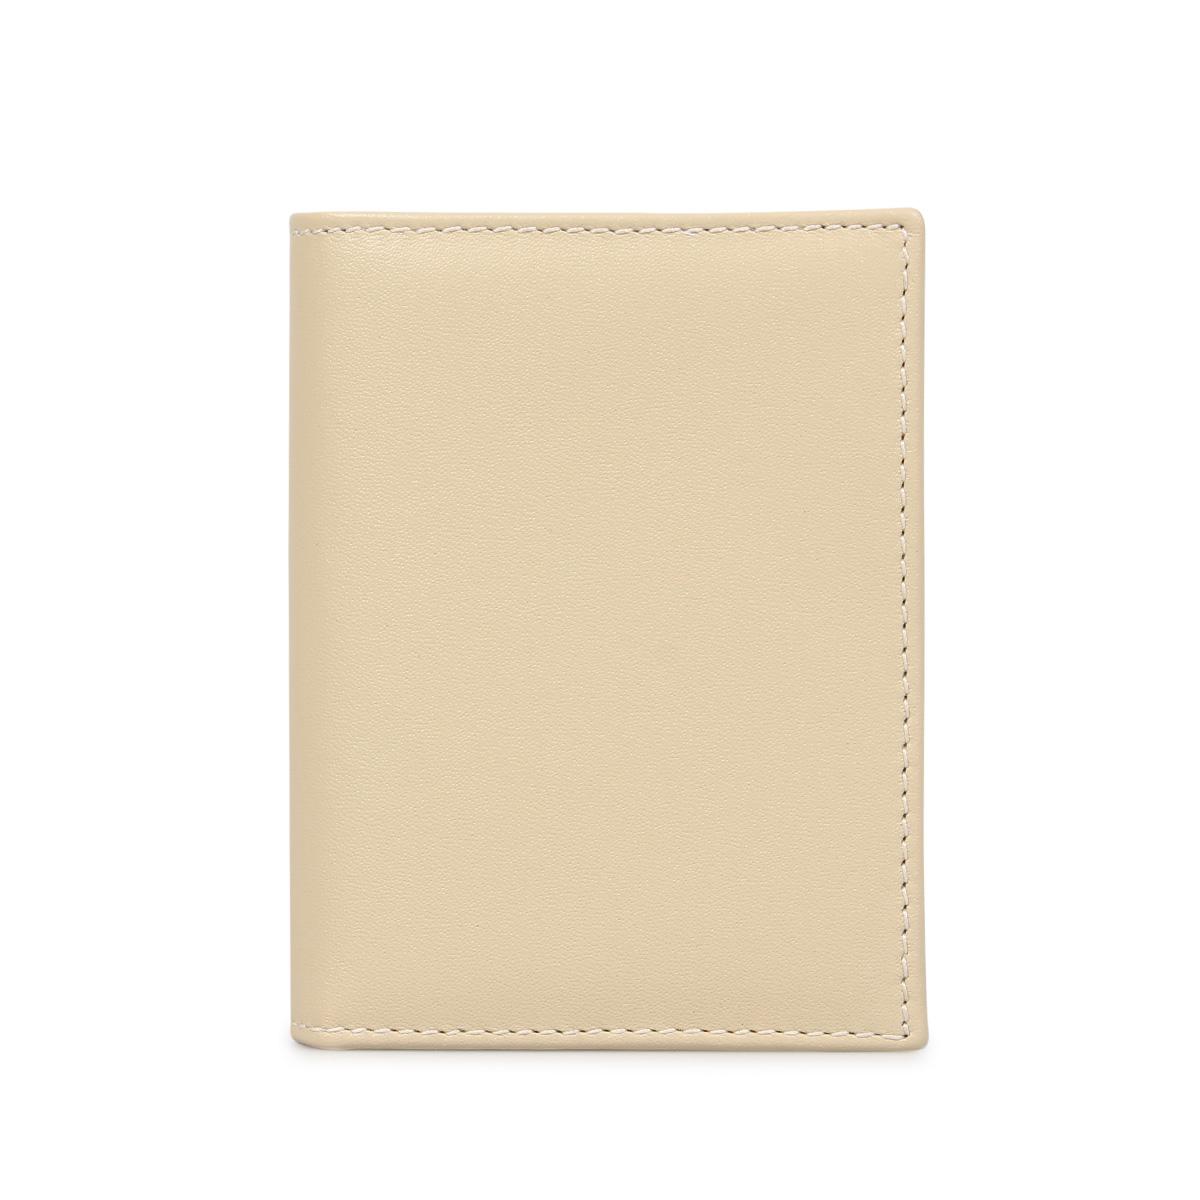 COMME des GARCONS CLASSIC WALLET コムデギャルソン 財布 二つ折り メンズ レディース 本革 オフ ホワイト SA0641